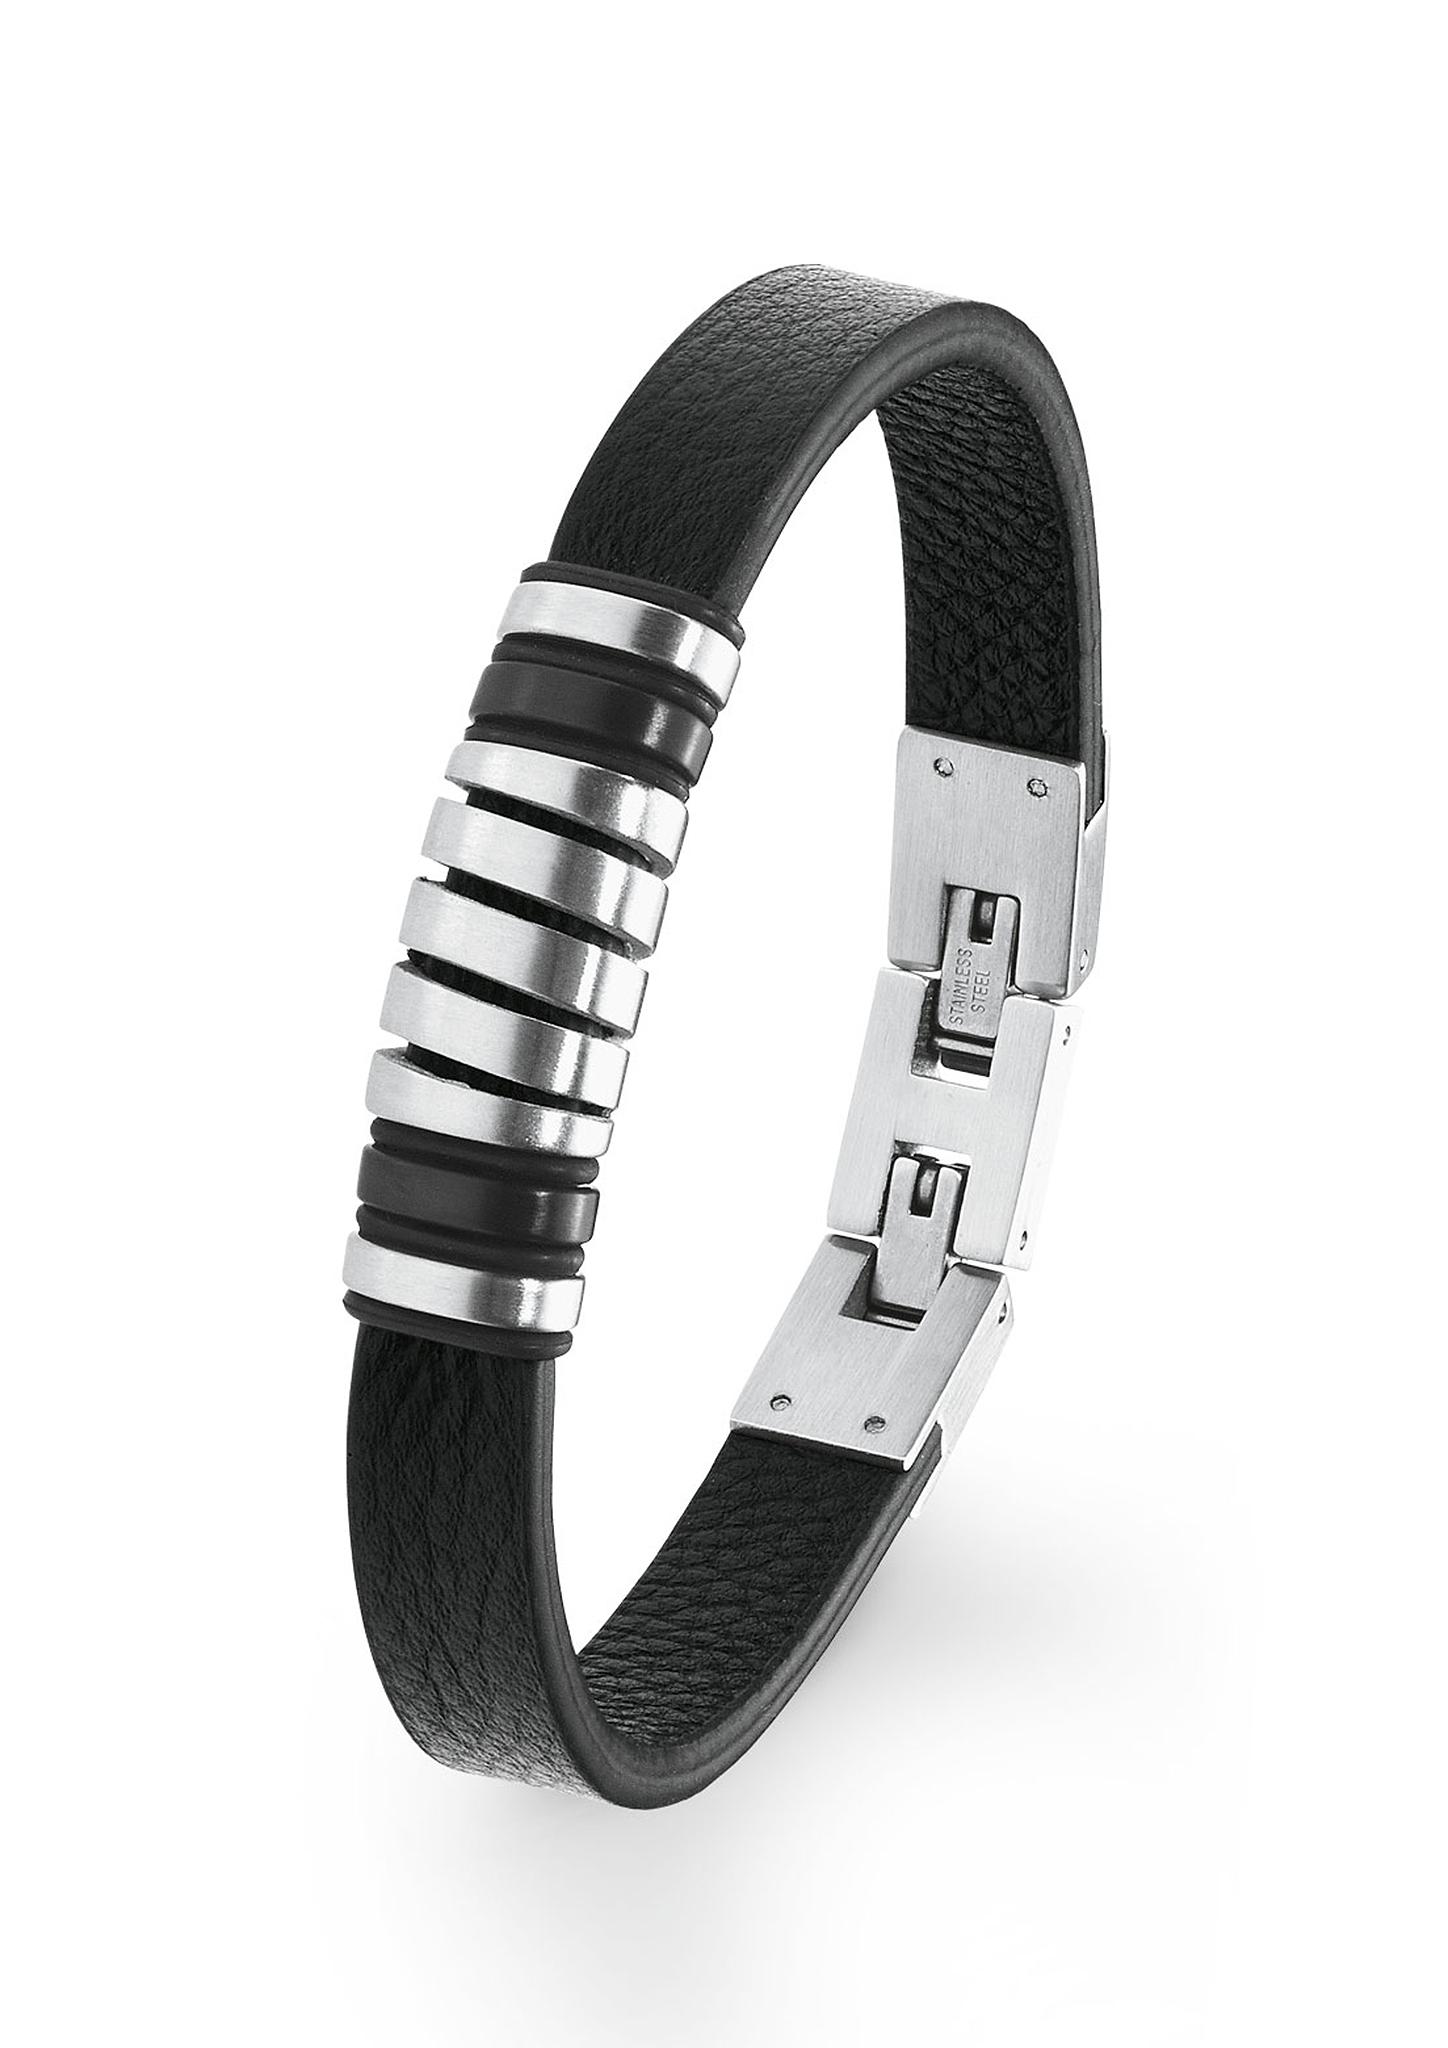 Armband | Schmuck > Armbänder | Grau/schwarz | Edelstahl -  leder -  ip black | s.Oliver